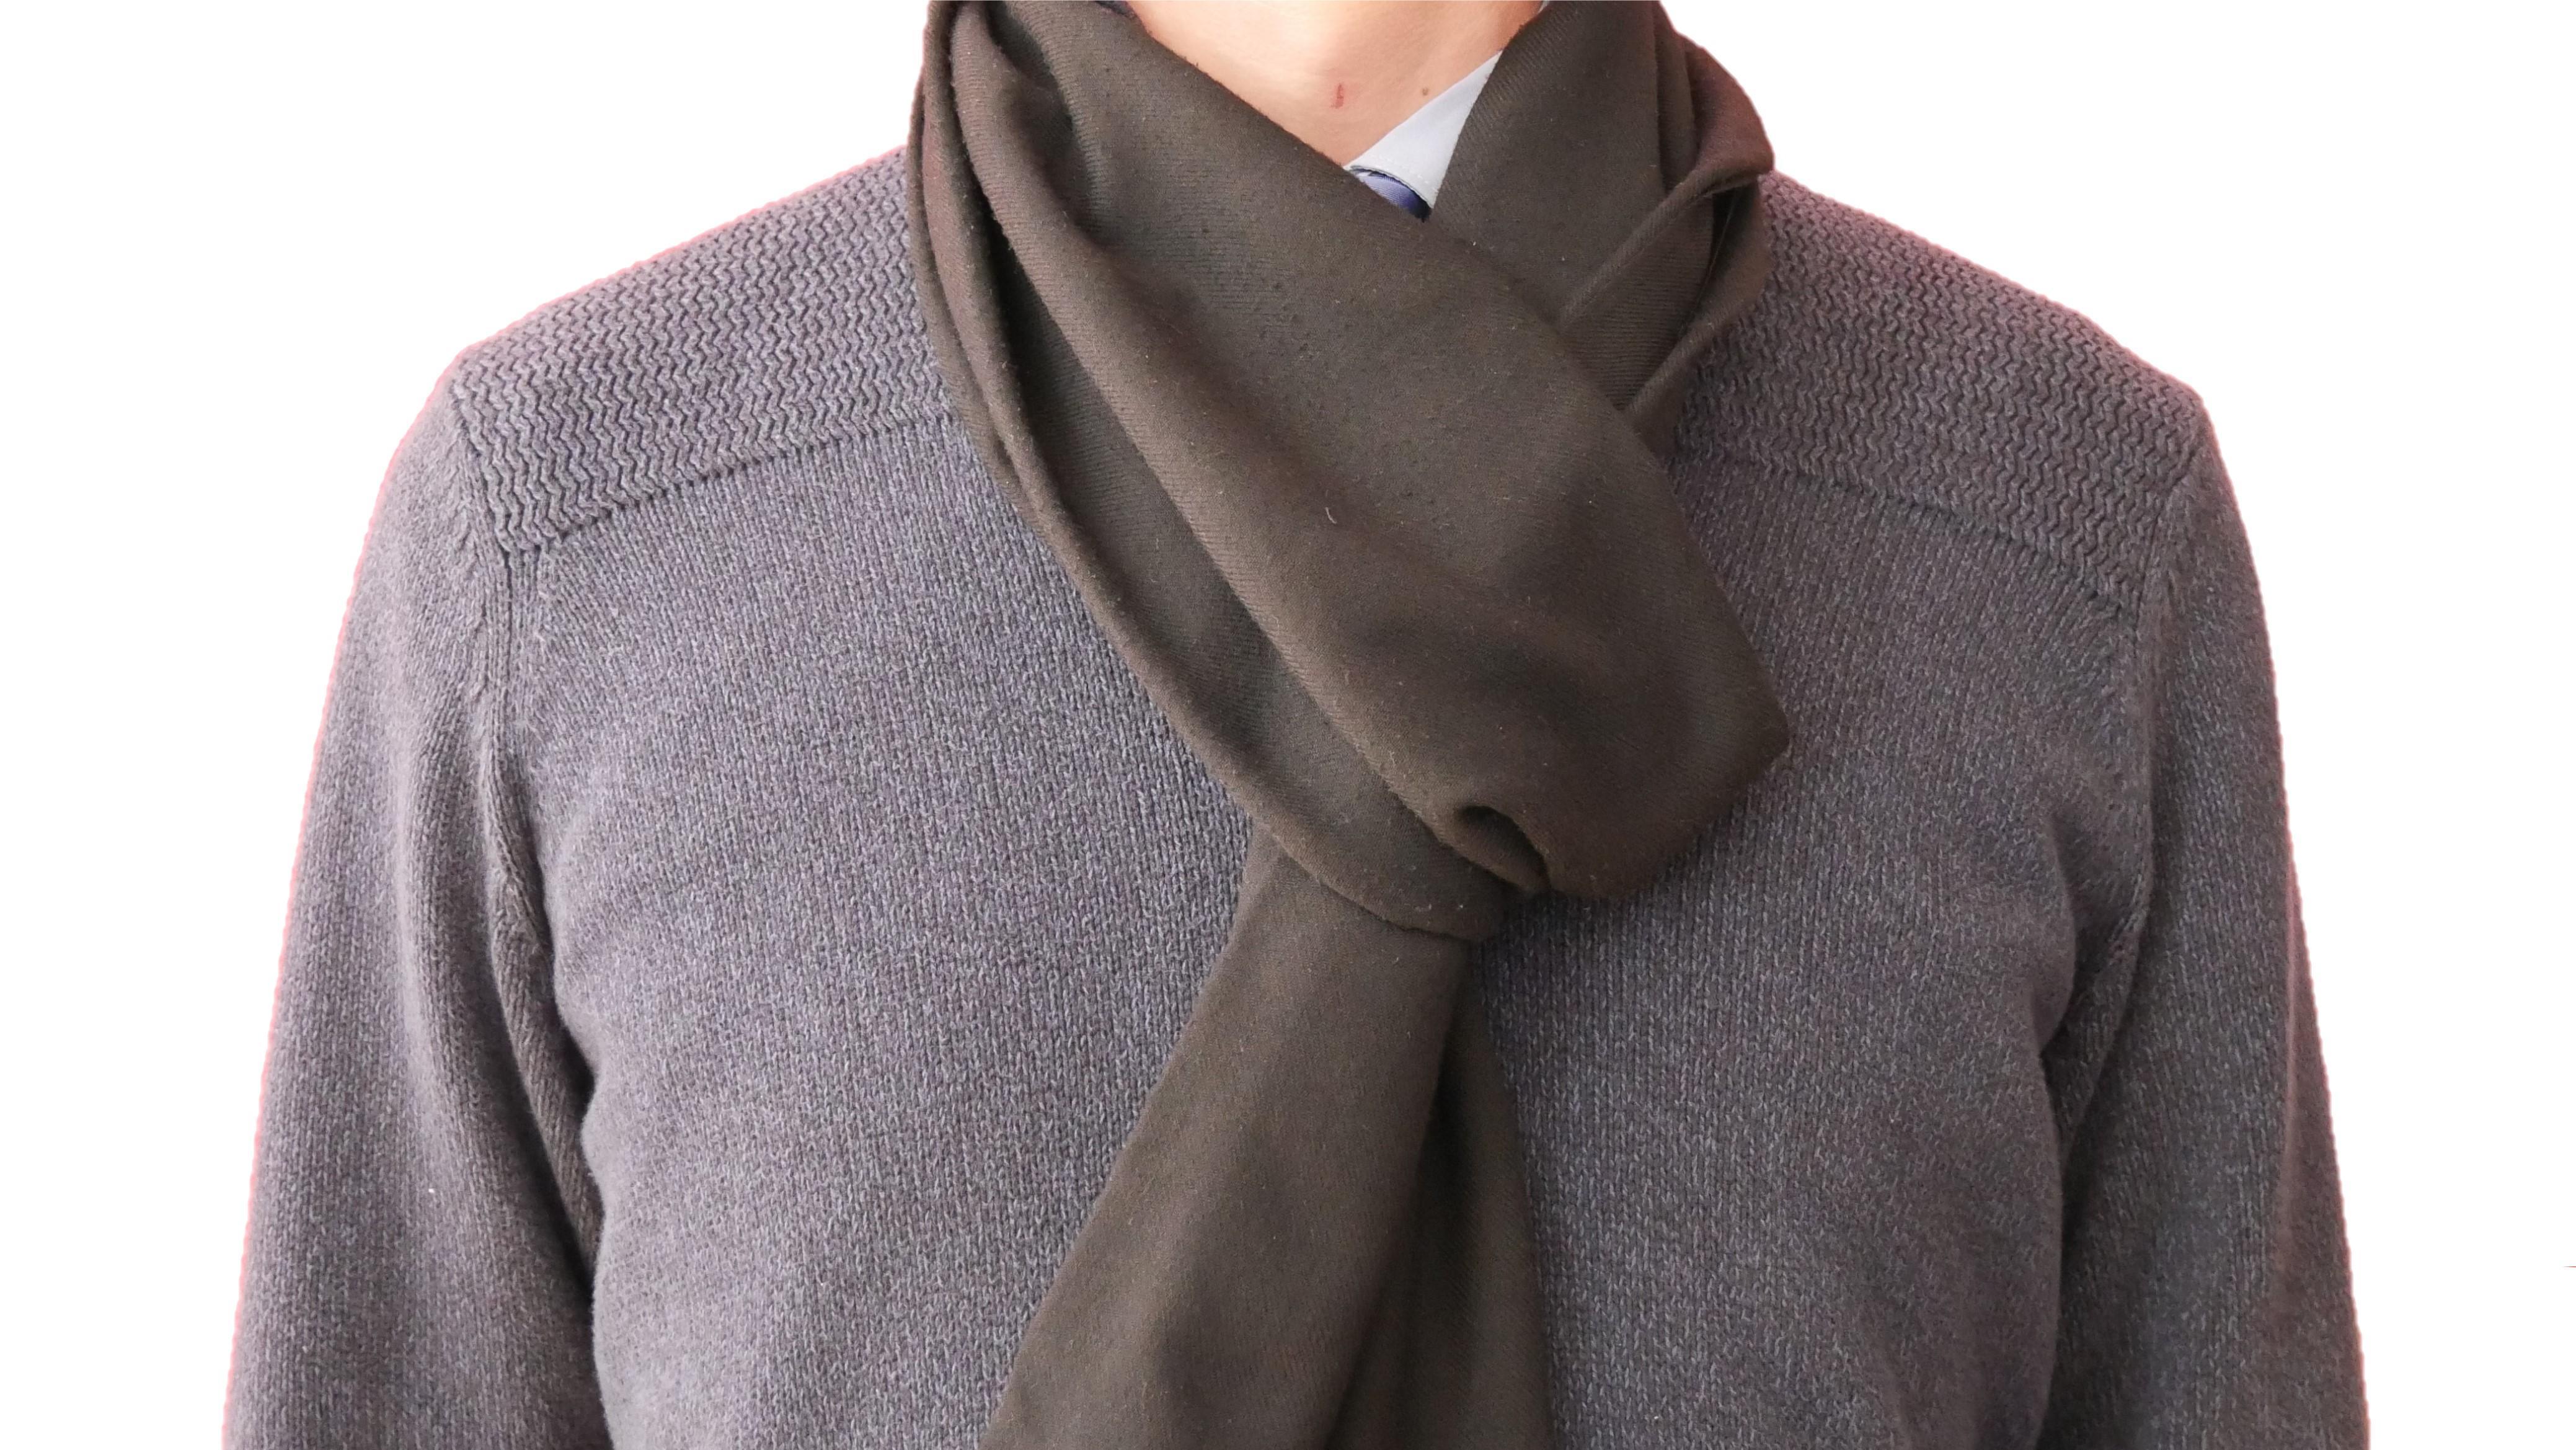 Als Mann können Sie Ihren Schal zur lässigen Schlaufe binden.